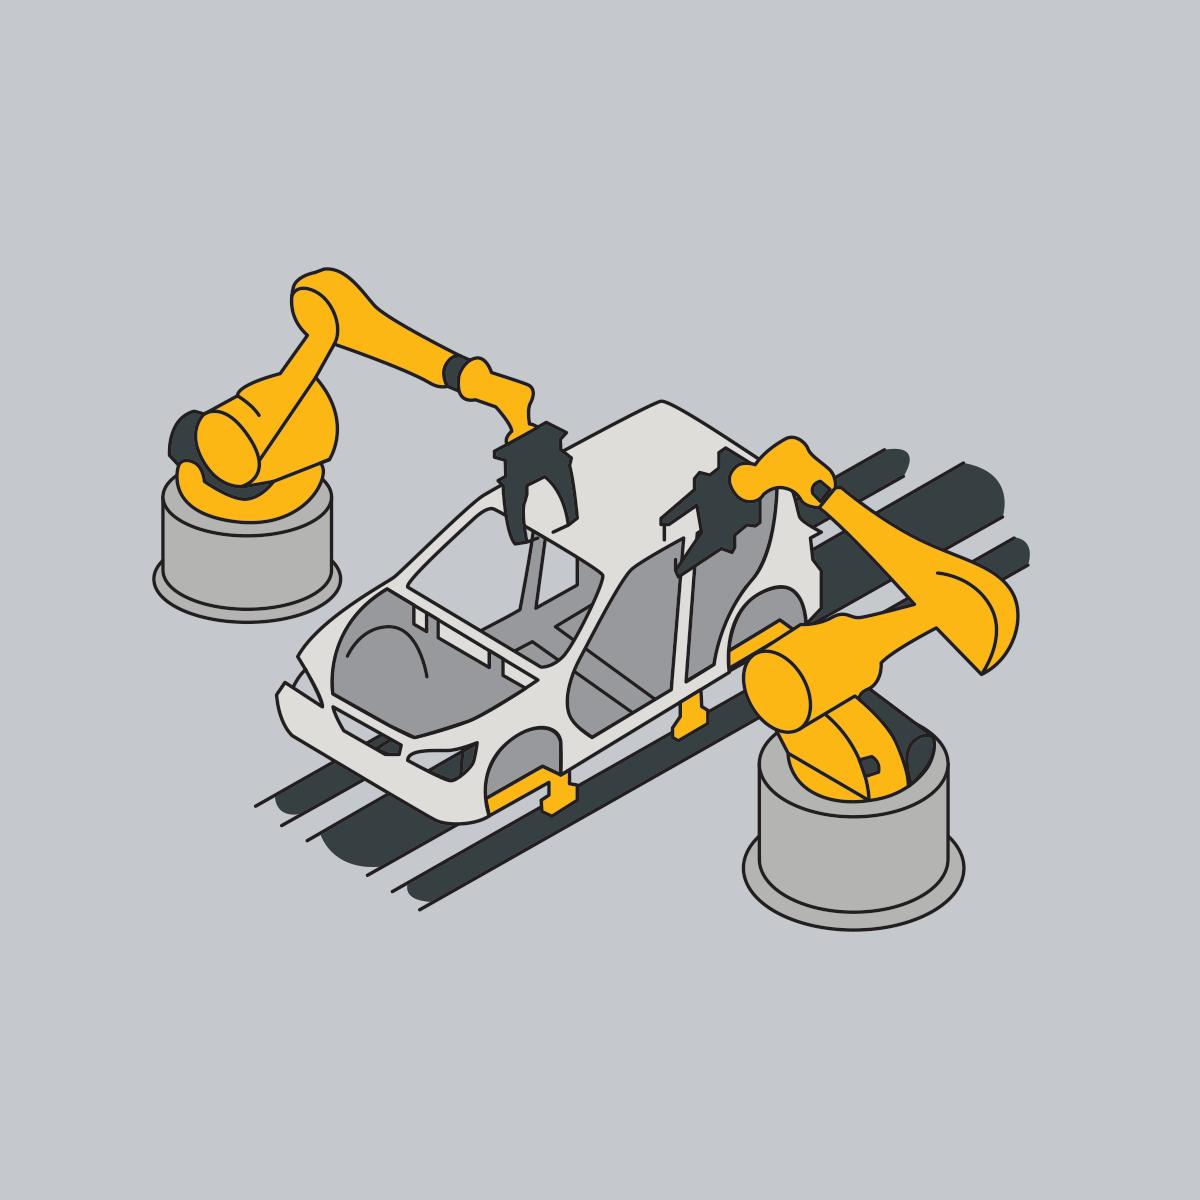 117 robots